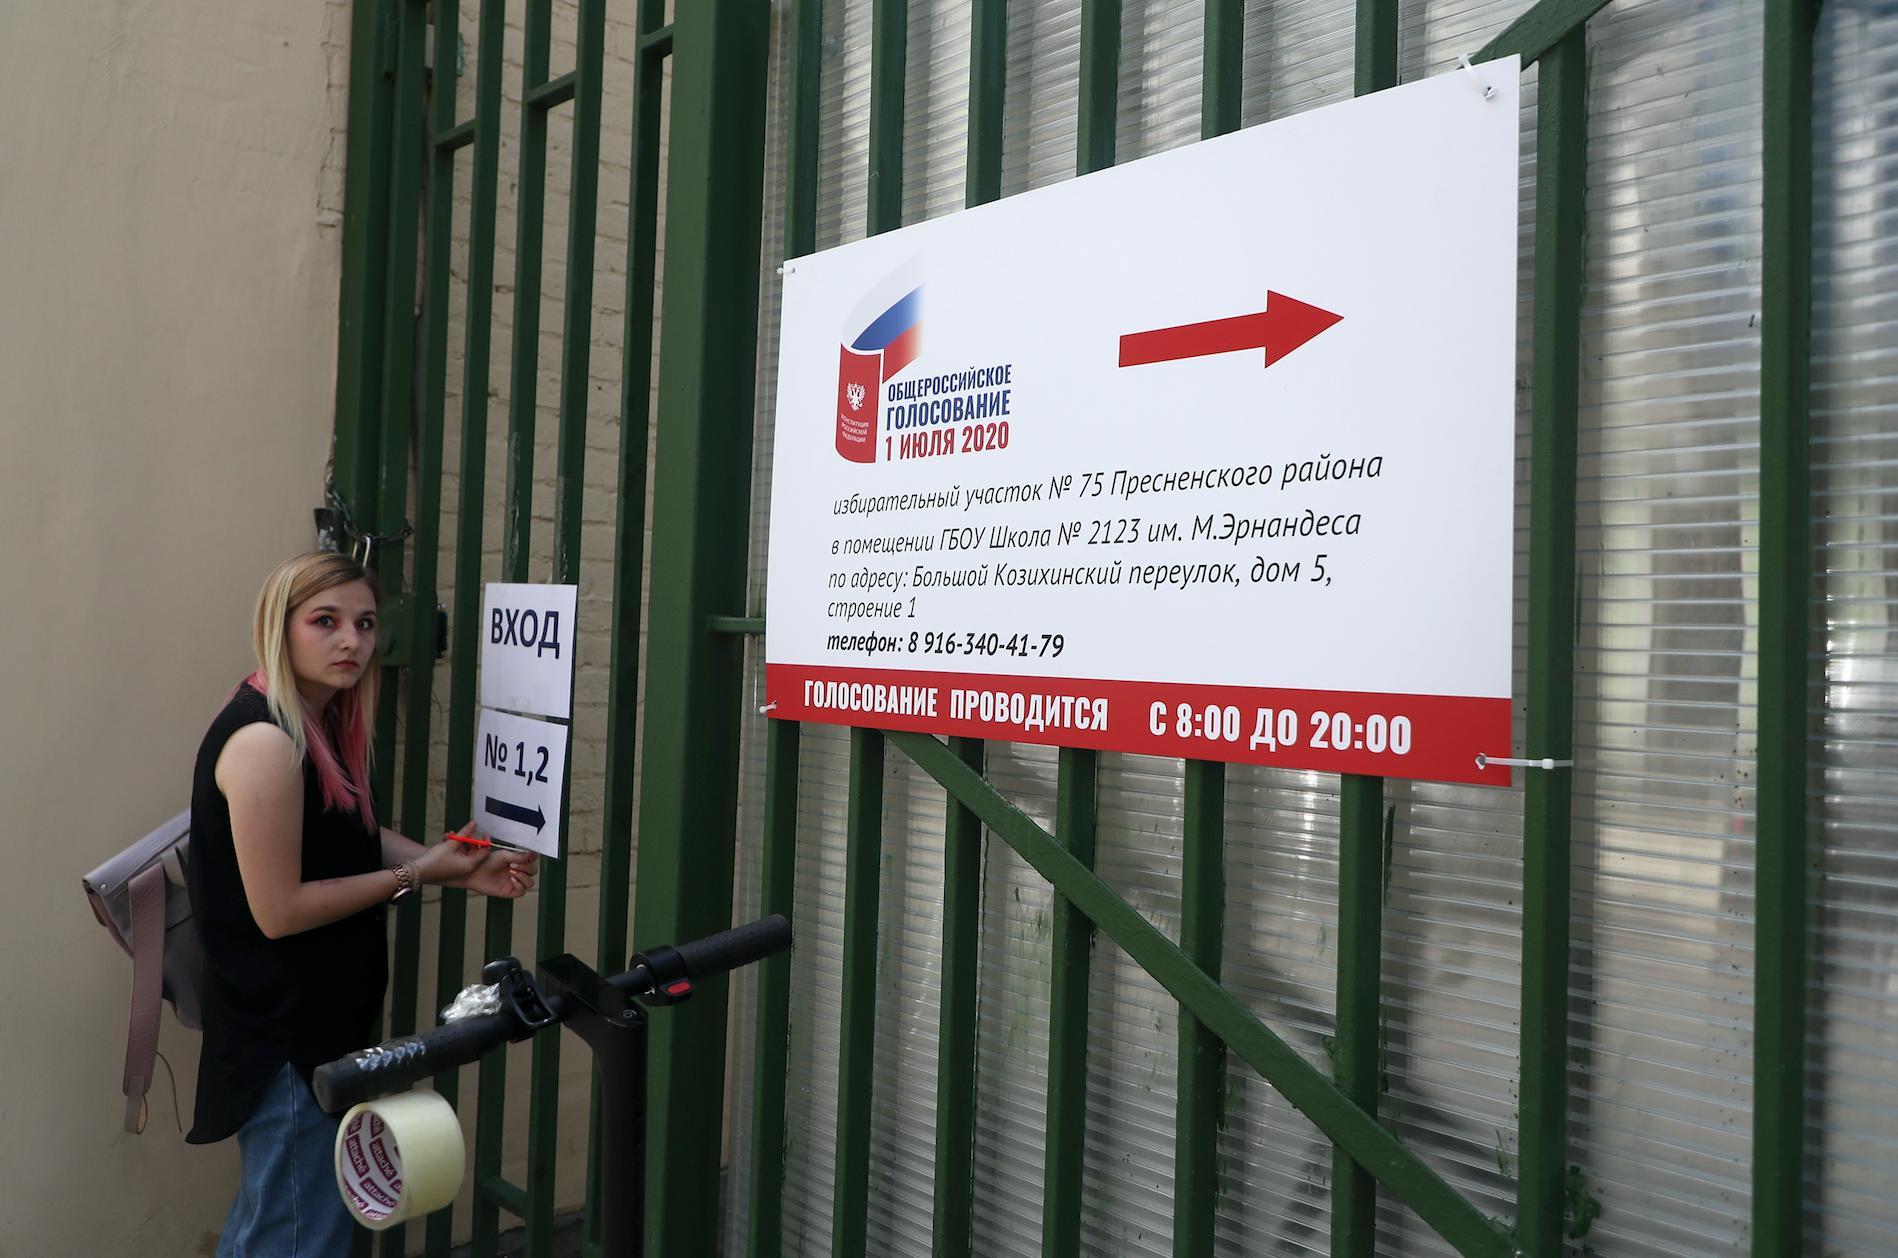 В Москве повторно проверят списки избирателей на очное и электронное голосование по поправкам в конституцию